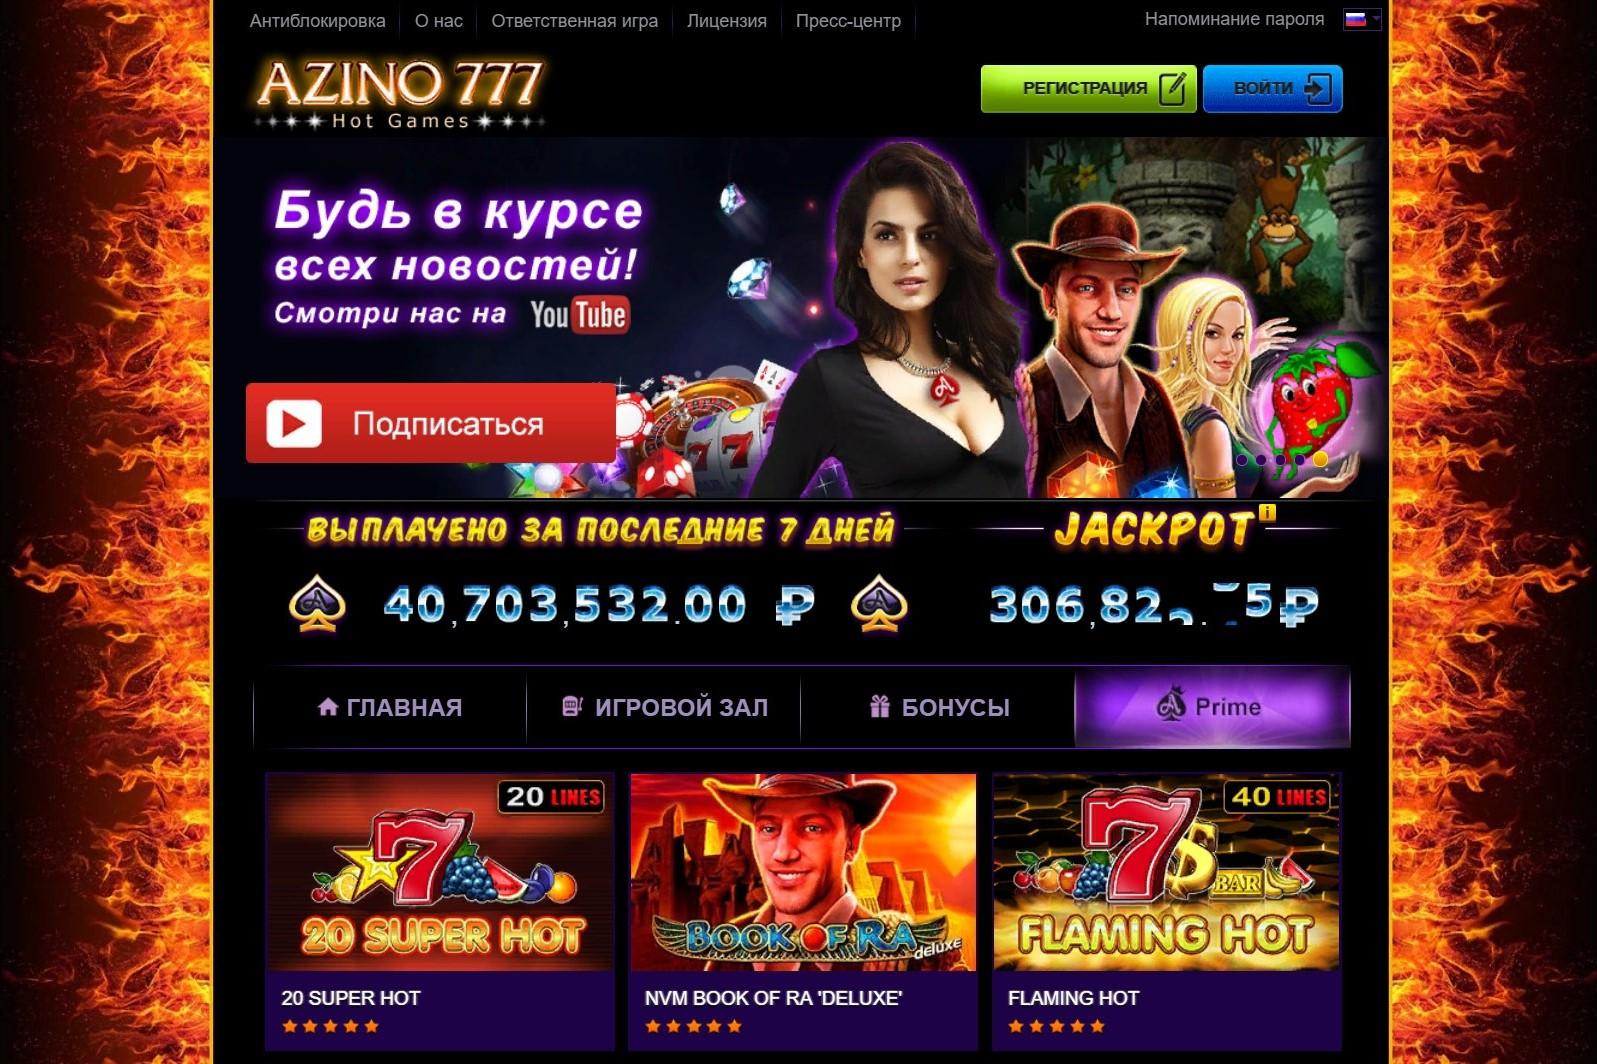 Играть в казино азино 777 ком казино и шлюхи